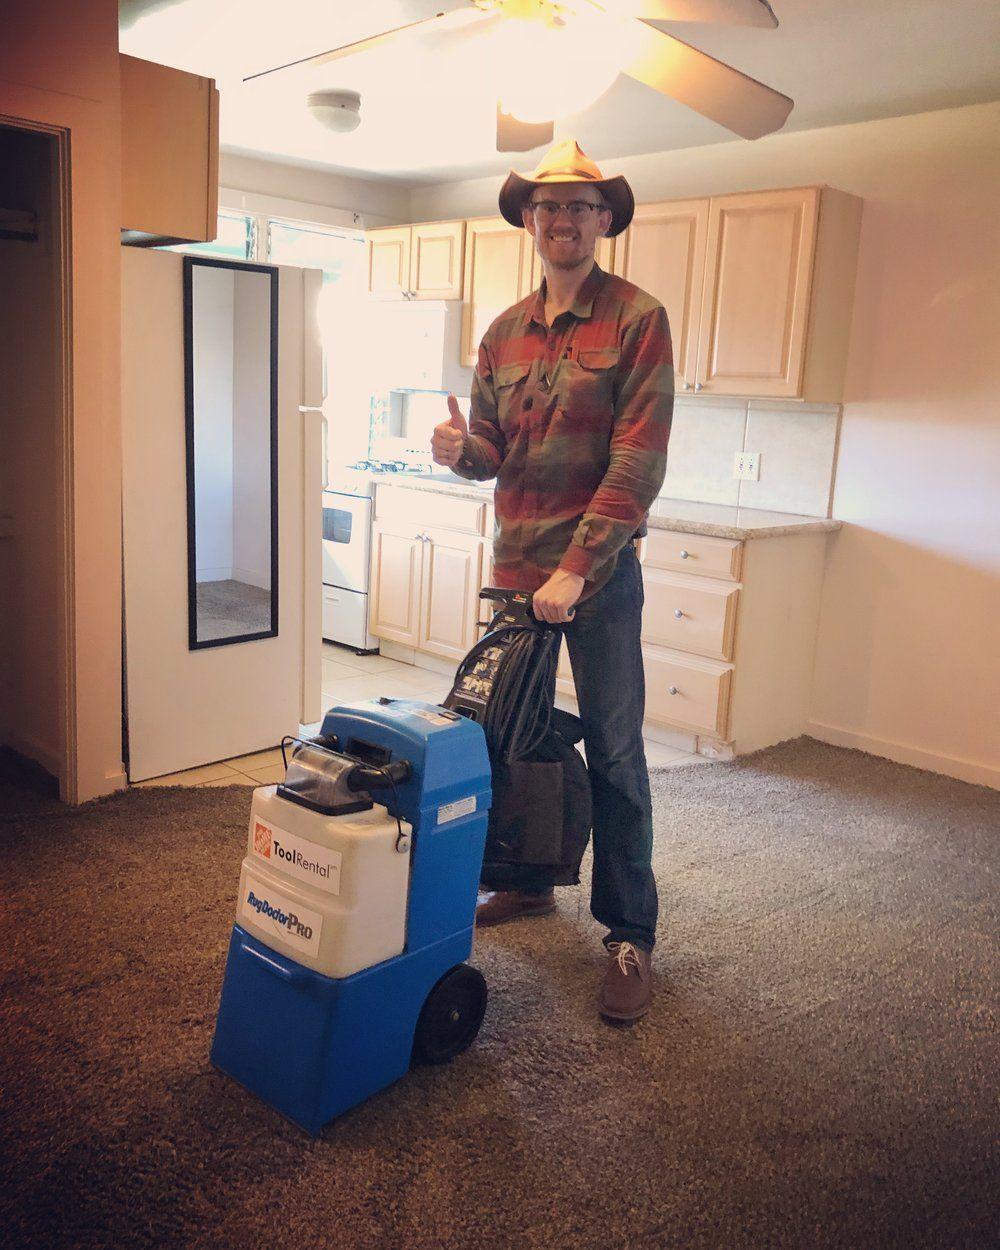 Residential Housekeeping Housekeeping, Residential